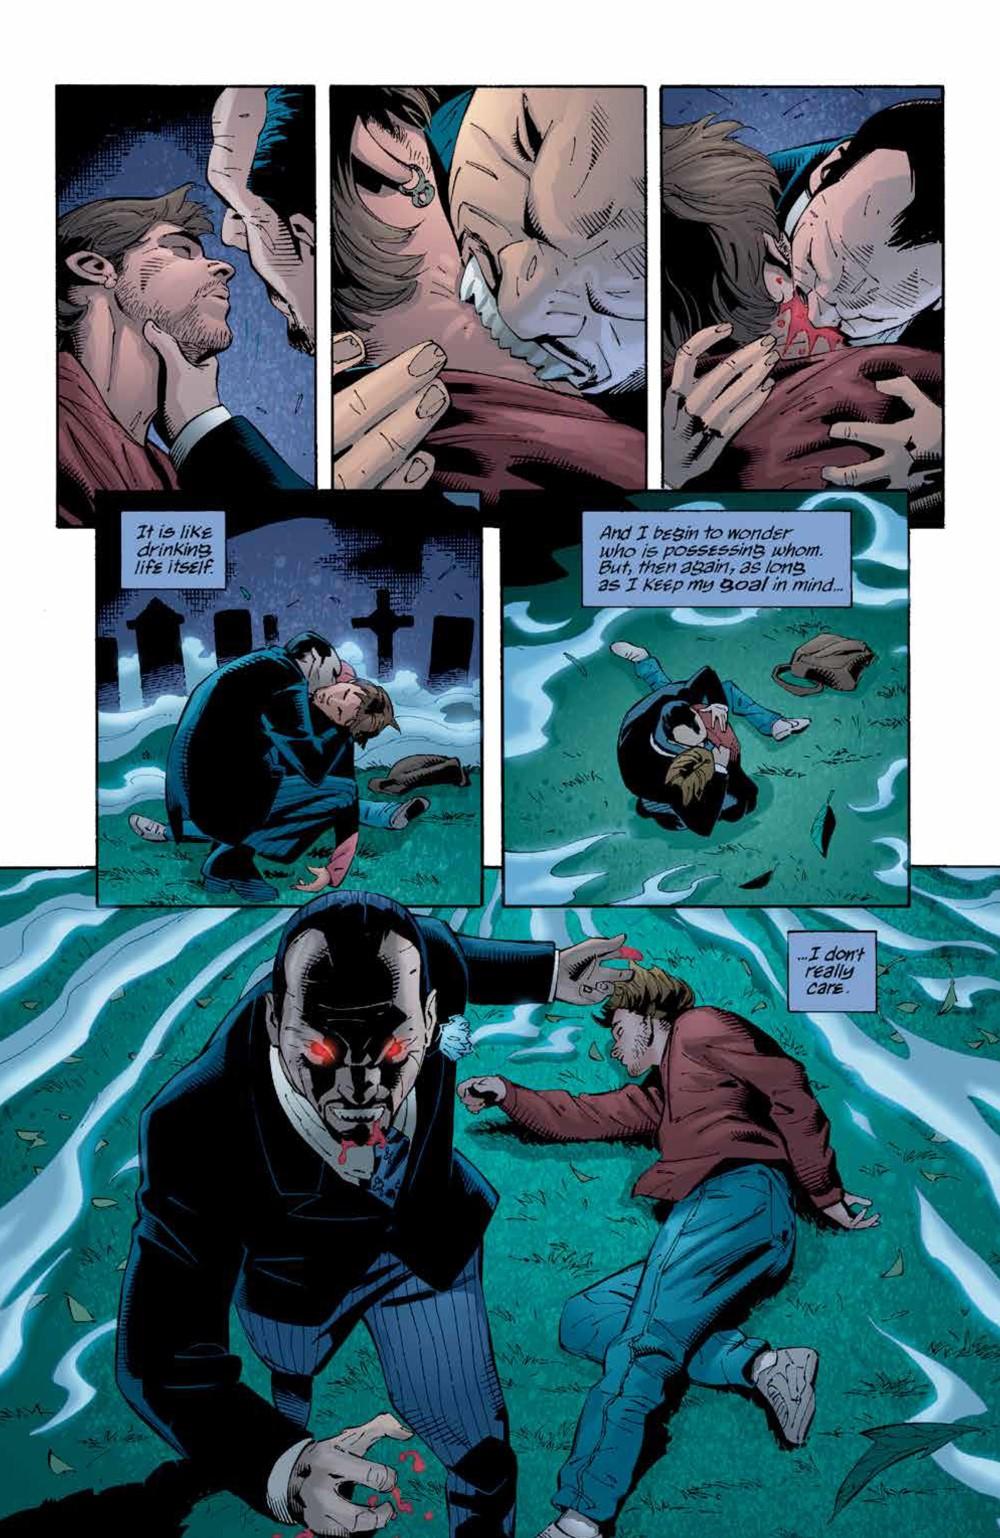 Buffy_Legacy_v5_SC_PRESS_20 ComicList Previews: BUFFY VAMPIRE SLAYER LEGACY EDITION VOLUME 5 TP